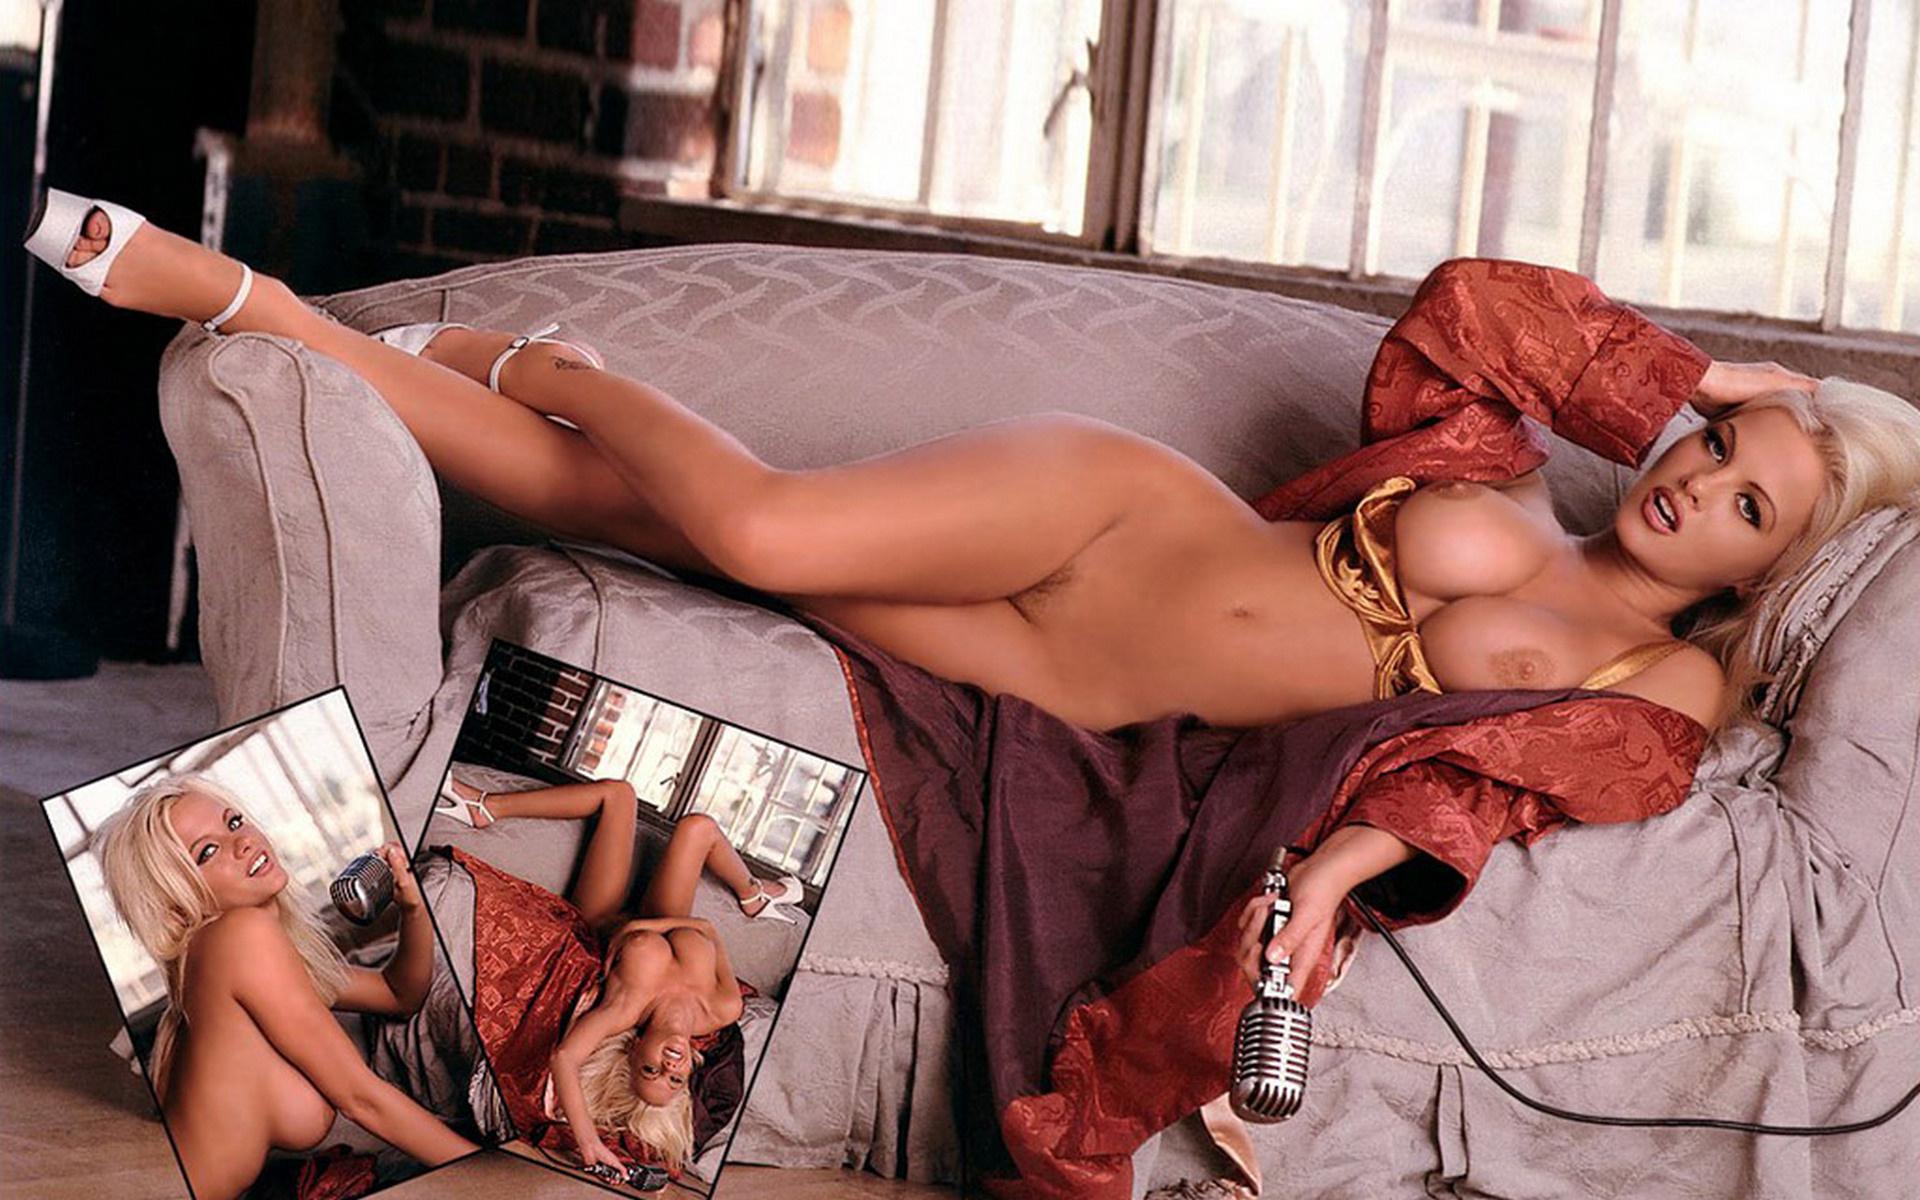 Хлоя джонс звезды порно 23 фотография